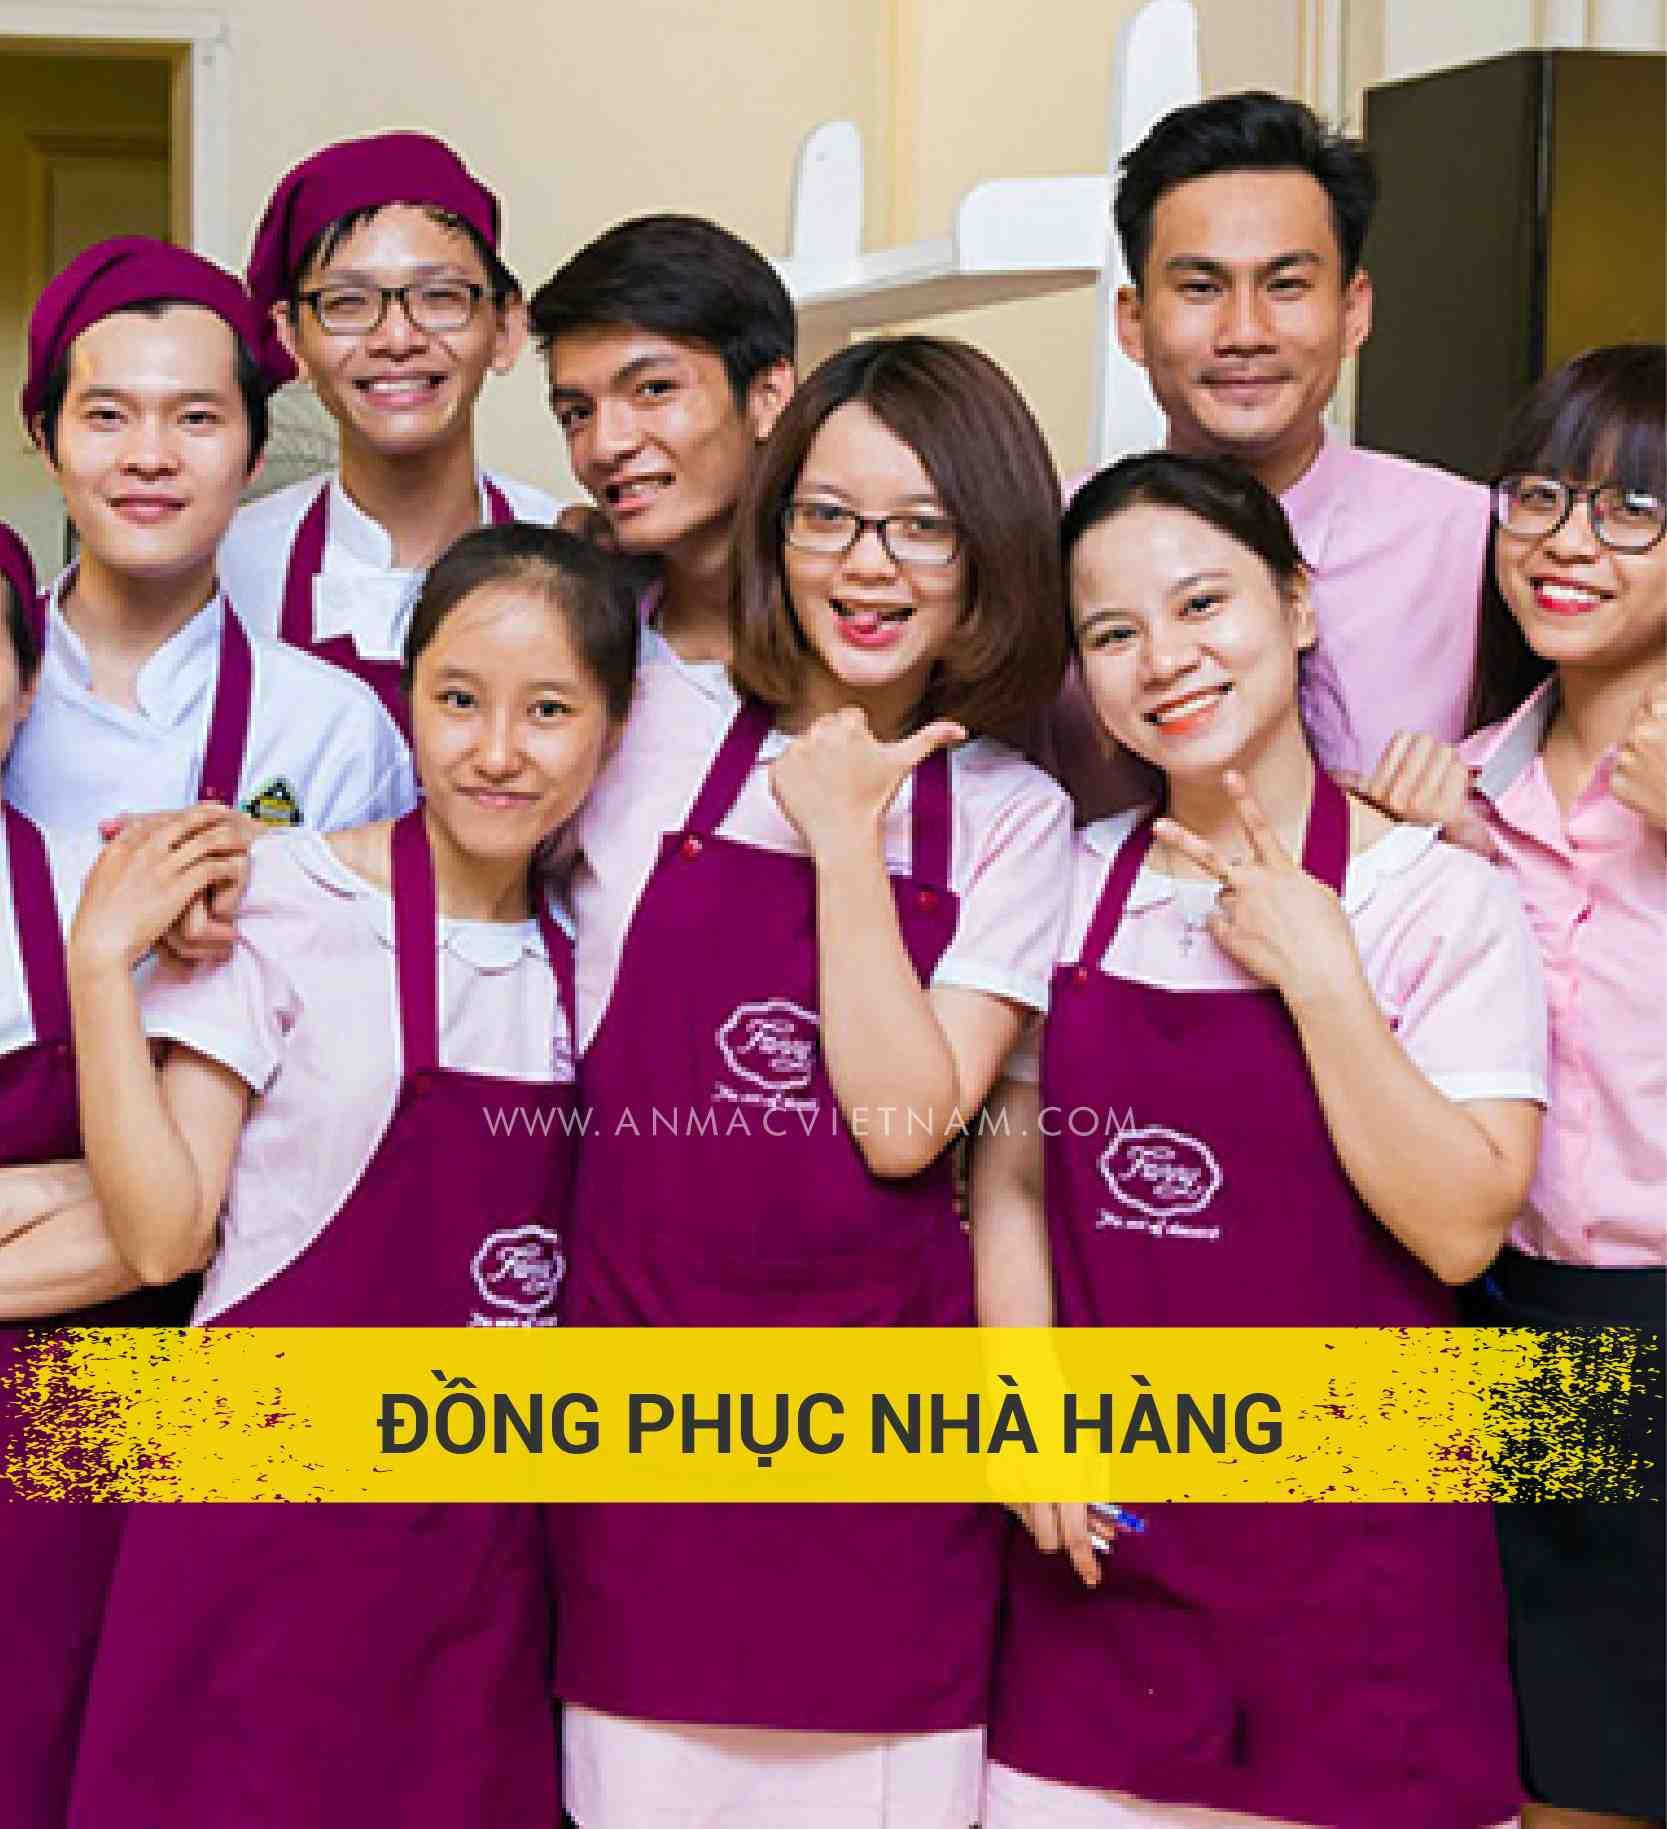 dong-phuc-nha-hang Danh mục sản phẩm theo ngành